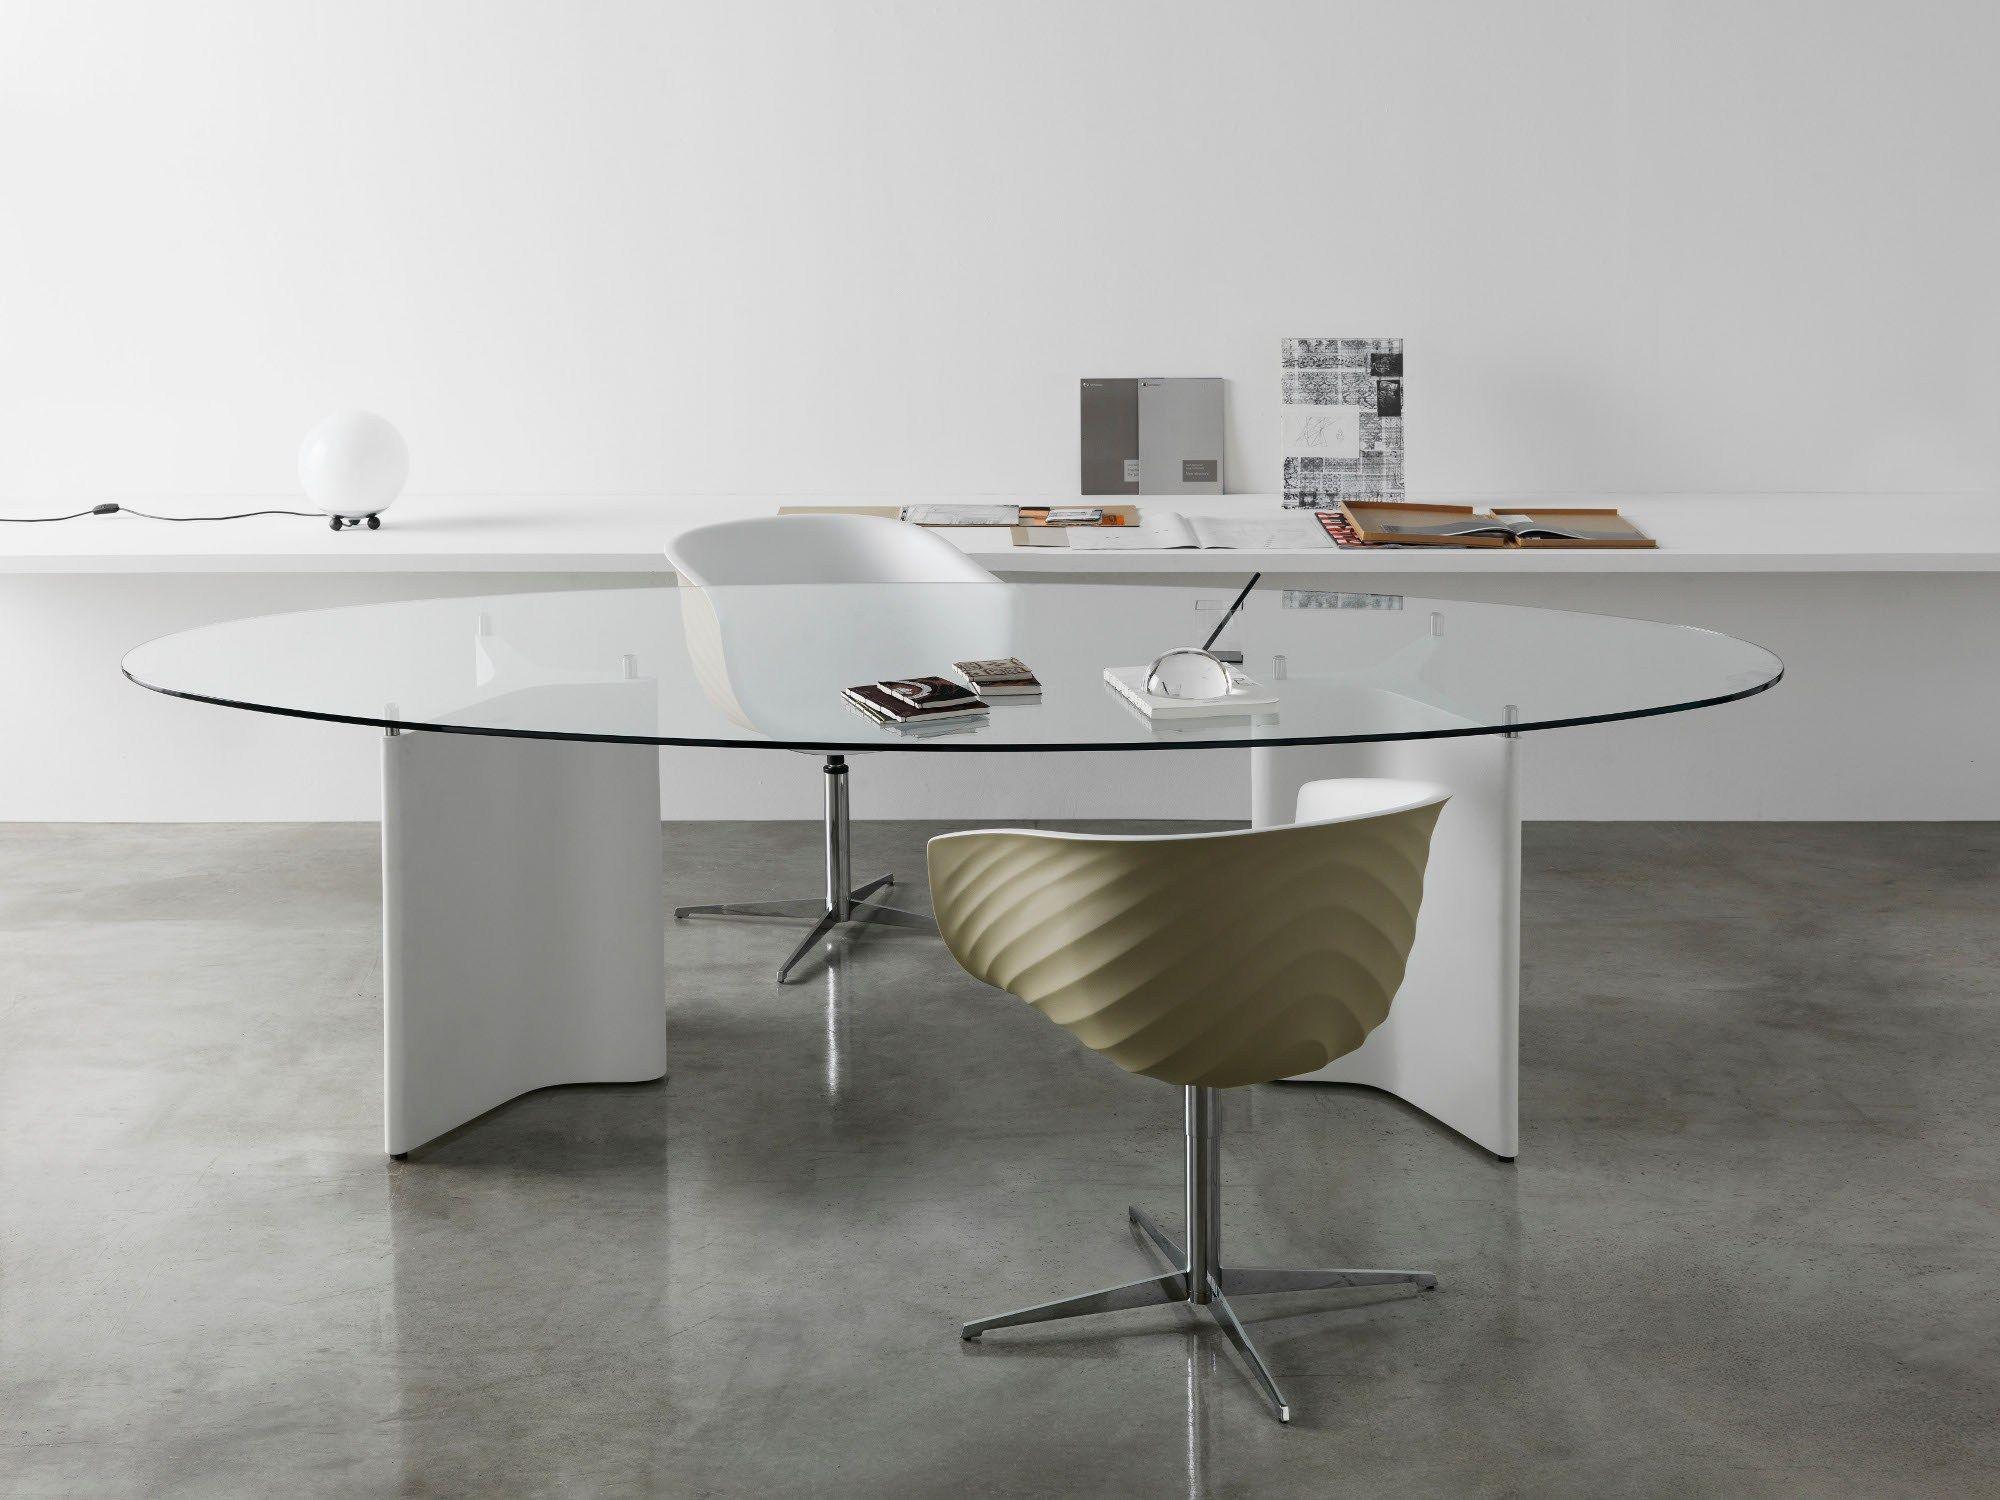 Tee tavolo ovale by segis design bartoli design - Tavolo di vetro ovale ...